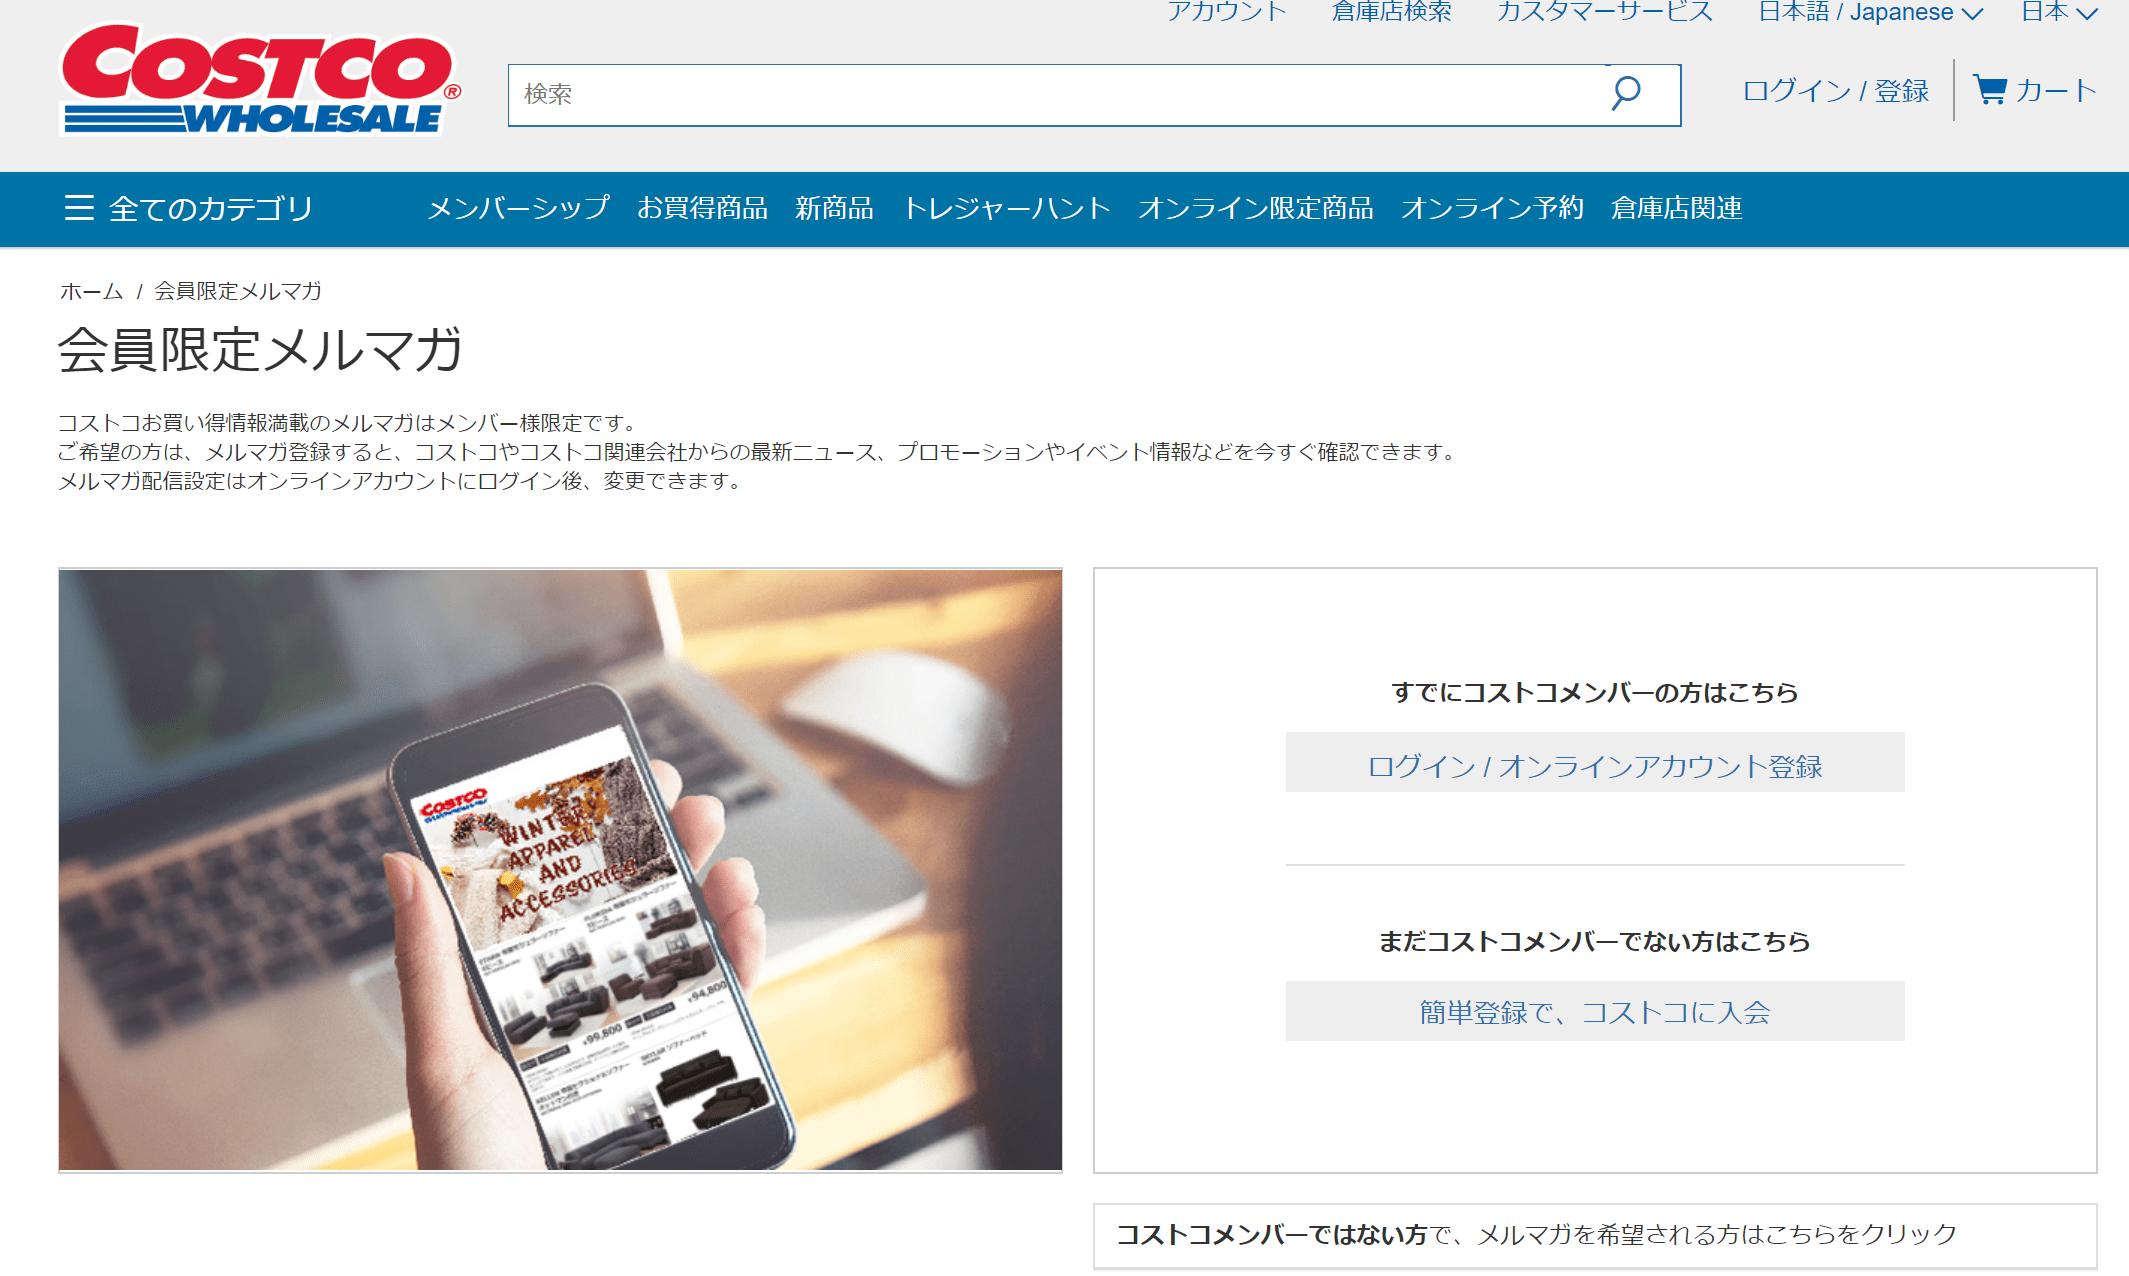 カスタマー サービス コストコ